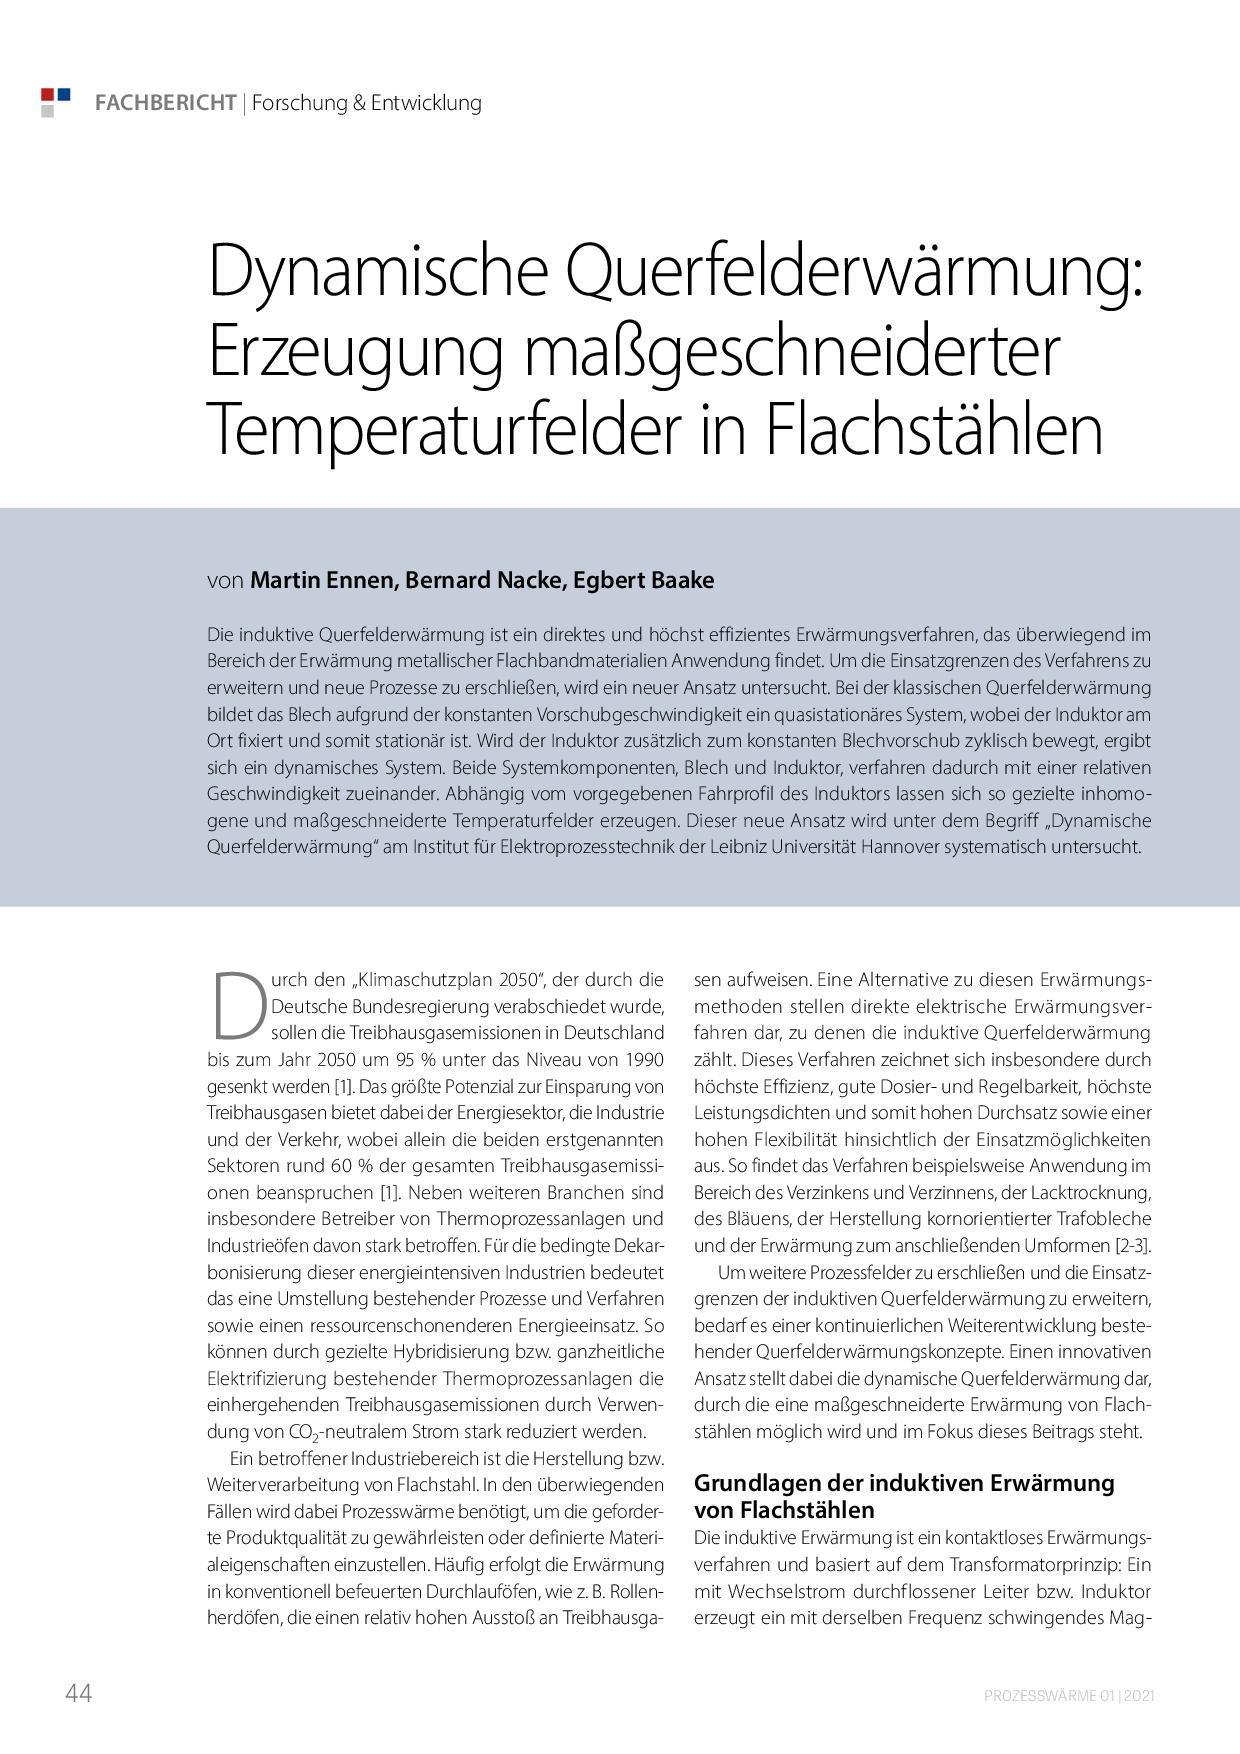 Dynamische Querfelderwärmung: Erzeugung maßgeschneiderter Temperaturfelder in Flachstählen